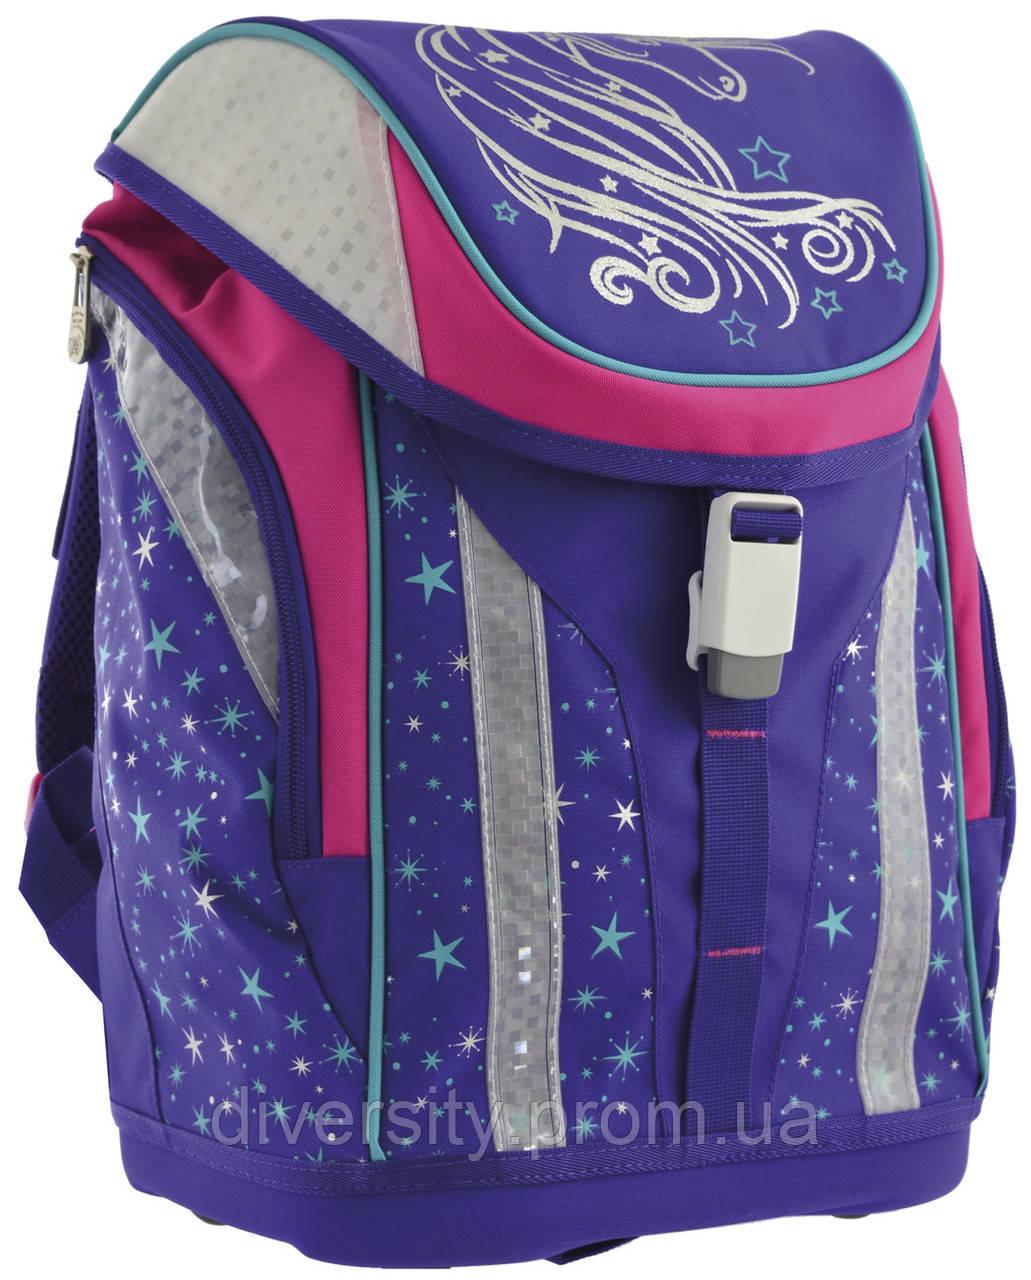 """Каркасный школьный рюкзак H-30 """"Unicorn""""серия """"Premmium"""" 556221"""